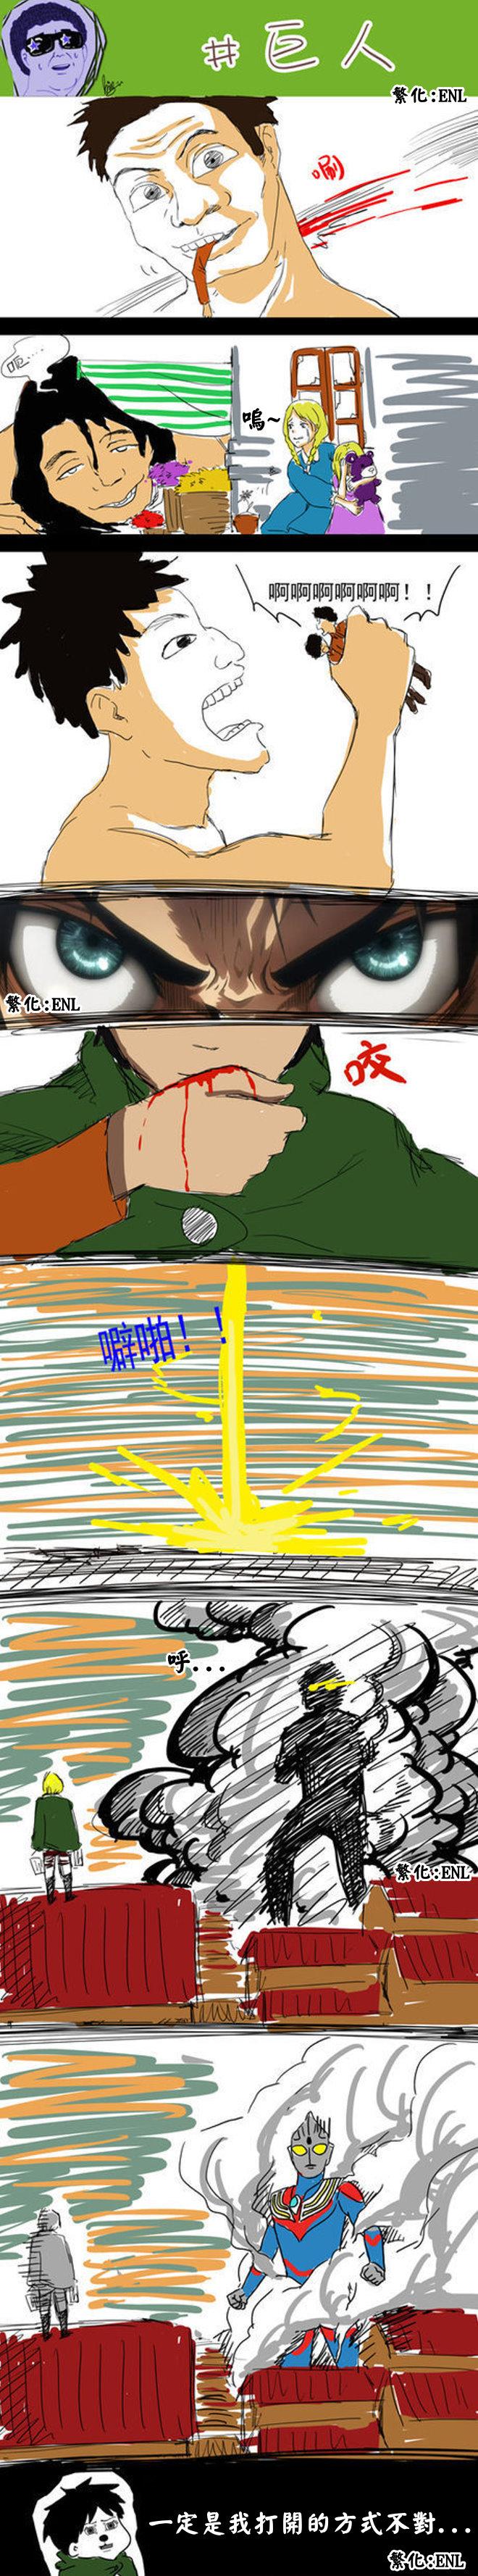 阿爾敏這次遭遇強敵,巨人竟然還搞變身阿?!!-0